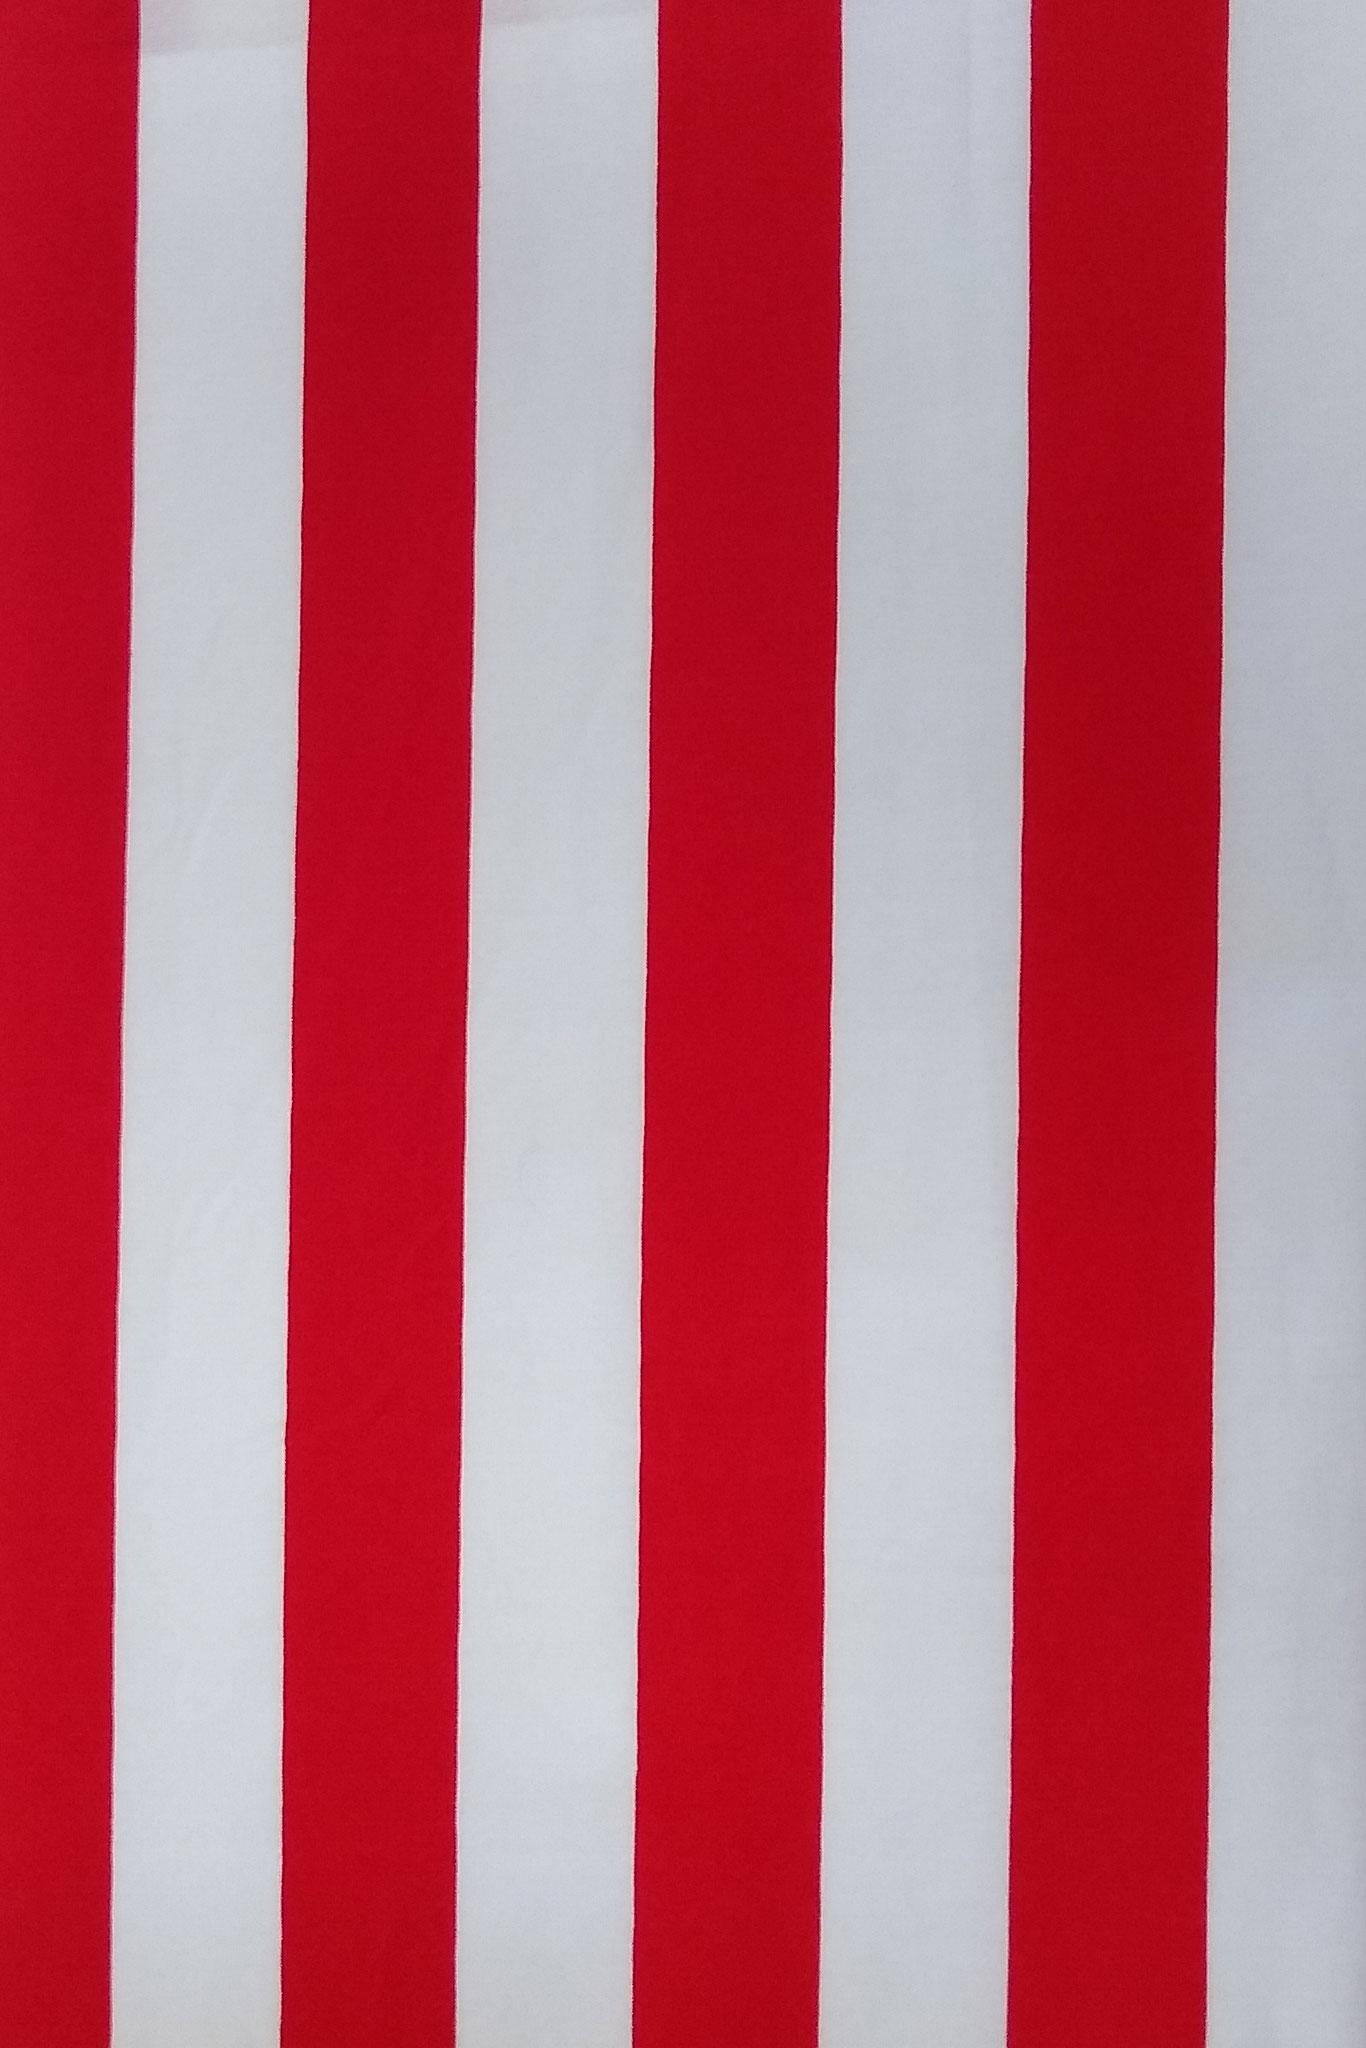 Baumwolle Streifen rot/weiß, 140 cm breit, 0.5m 6.00€